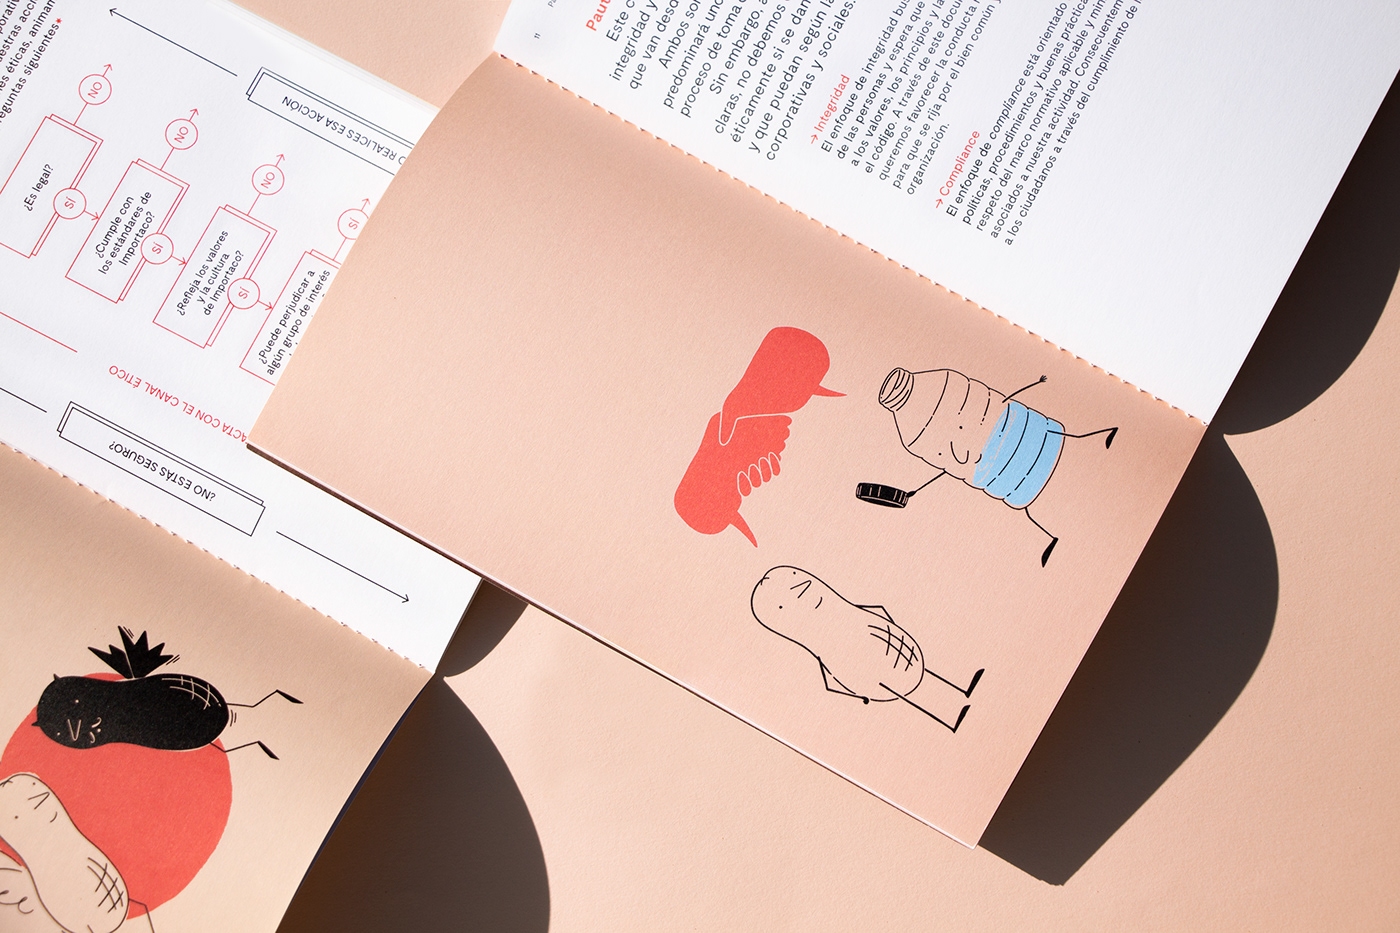 Image may contain: handwriting, cartoon and drawing